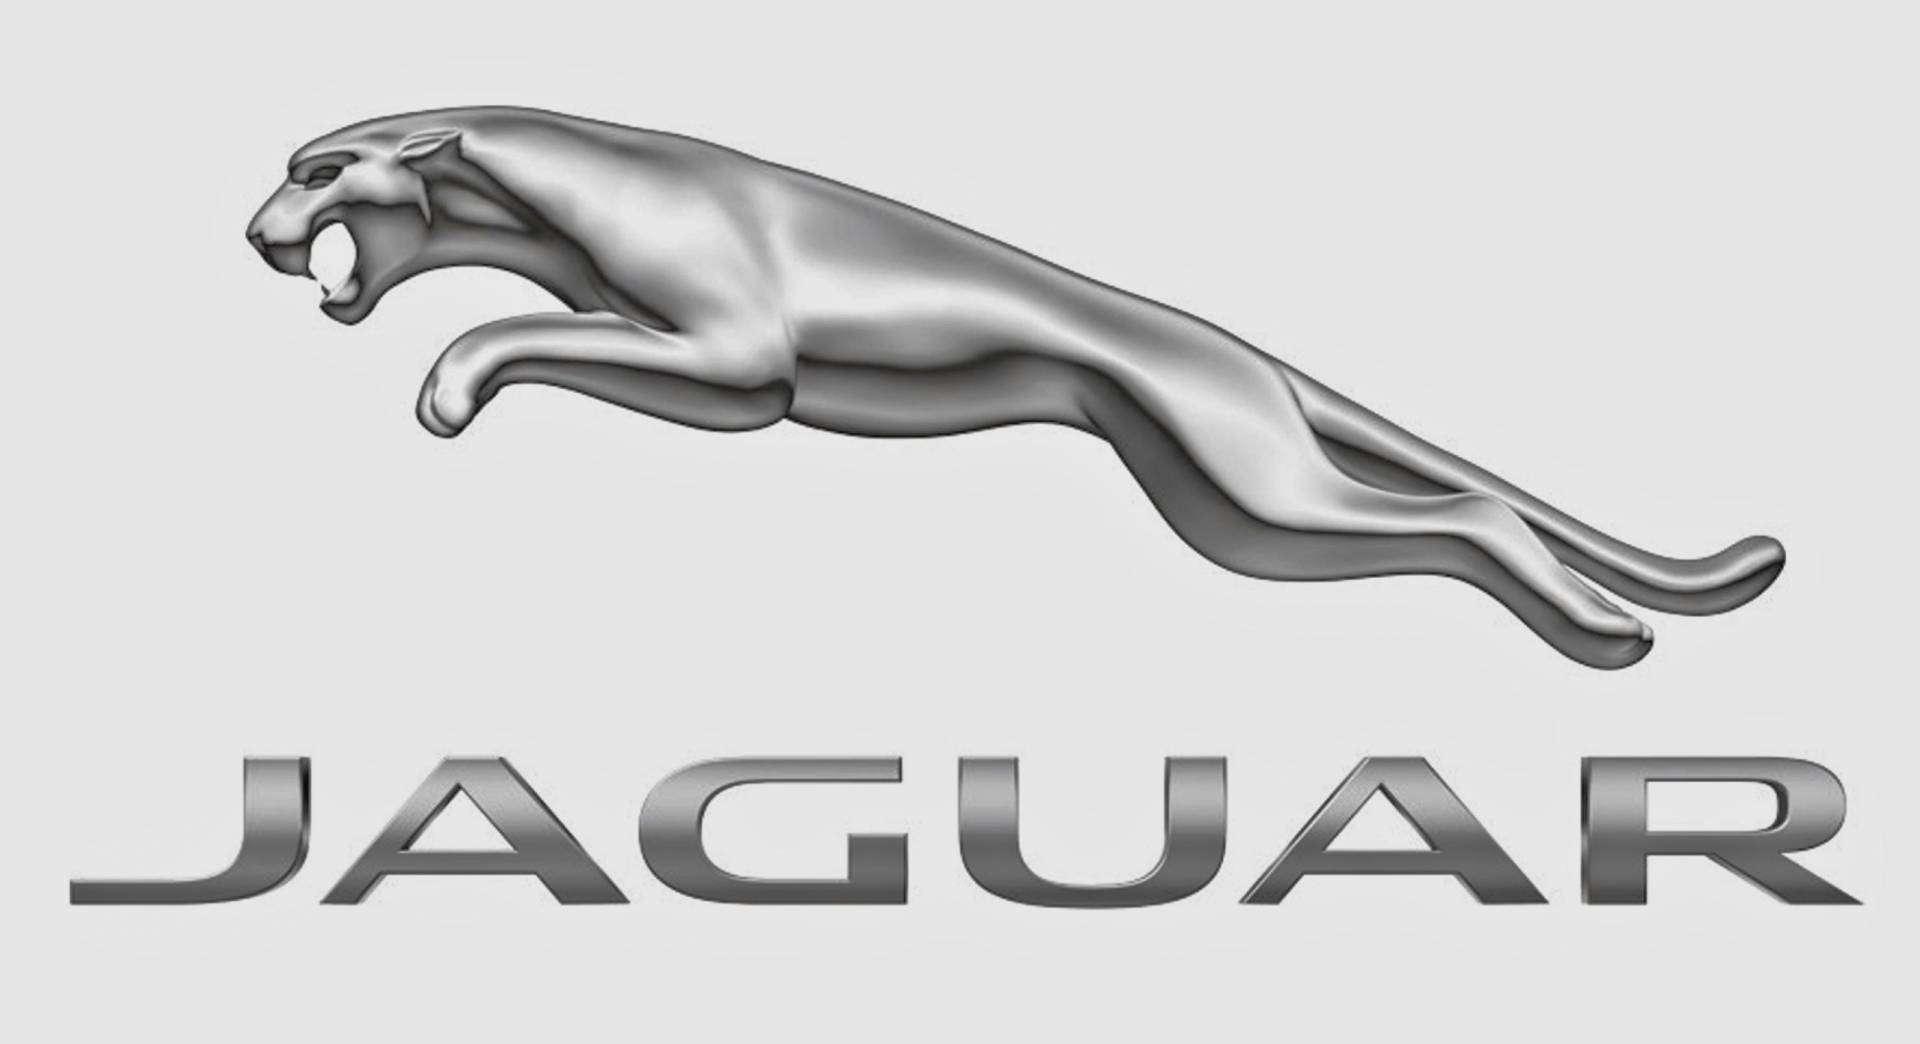 171 Jaguar Golf Trophy Nouvelle Competition 171 Golf De